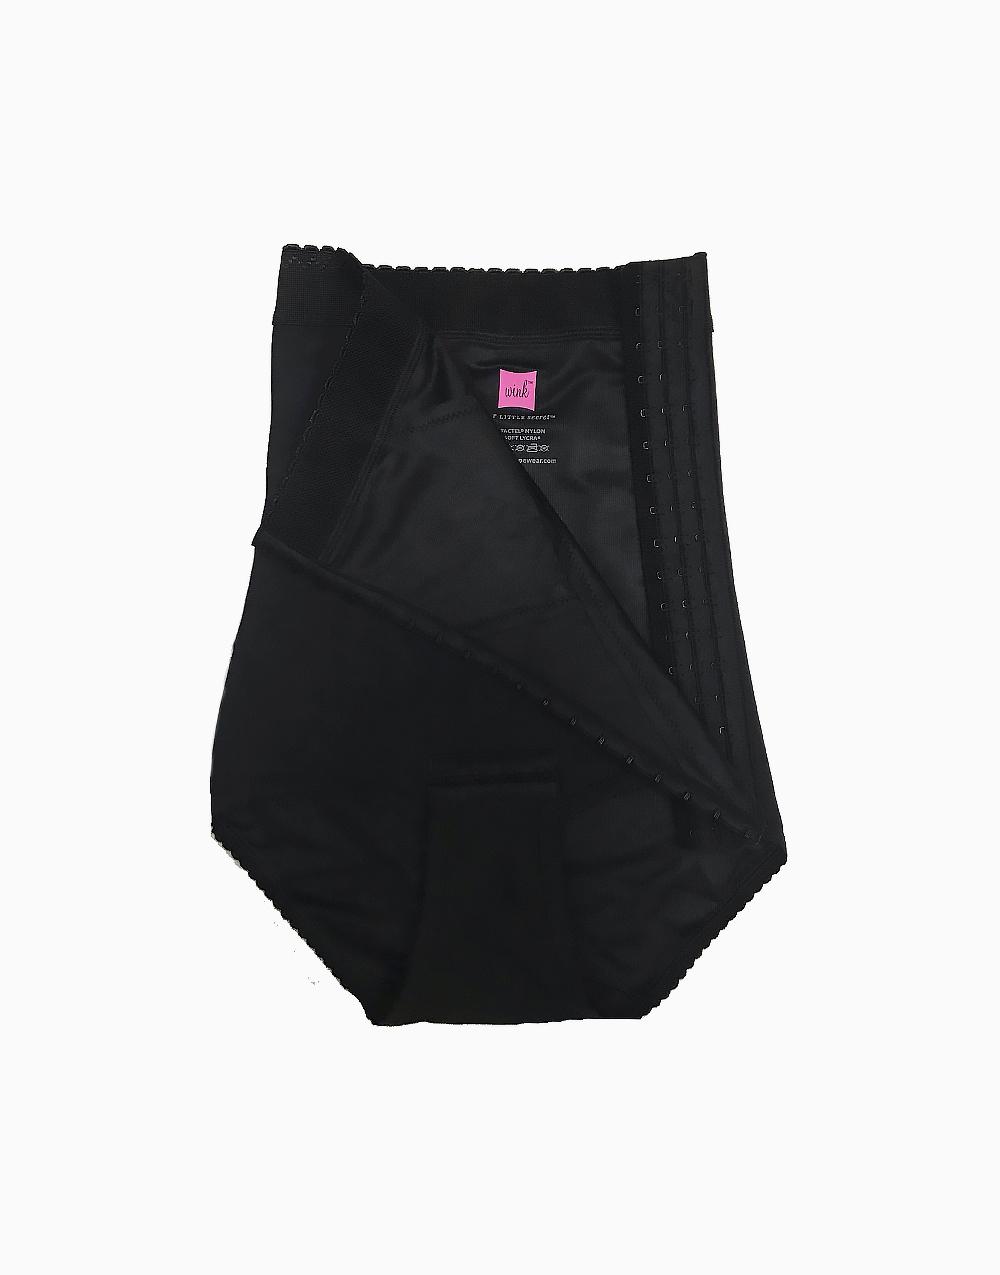 Postpartum Ultra Bikini in Black by Wink Shapewear | LARGE